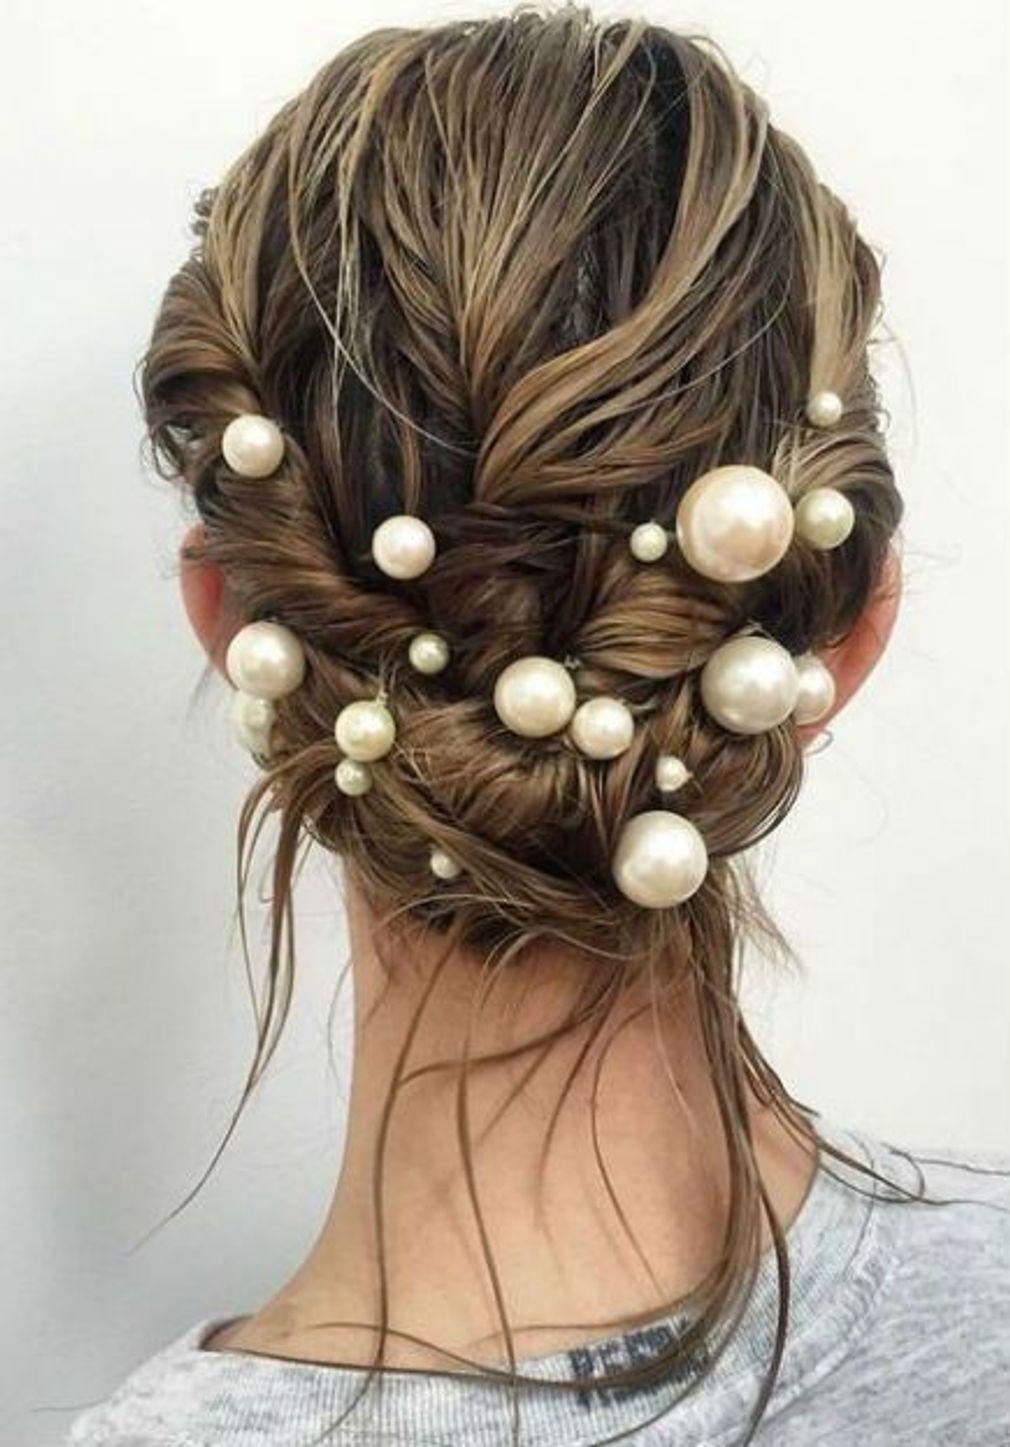 Une Tresse Originale Coiffure Nouvel An Idees De Coiffures Bijoux Cheveux